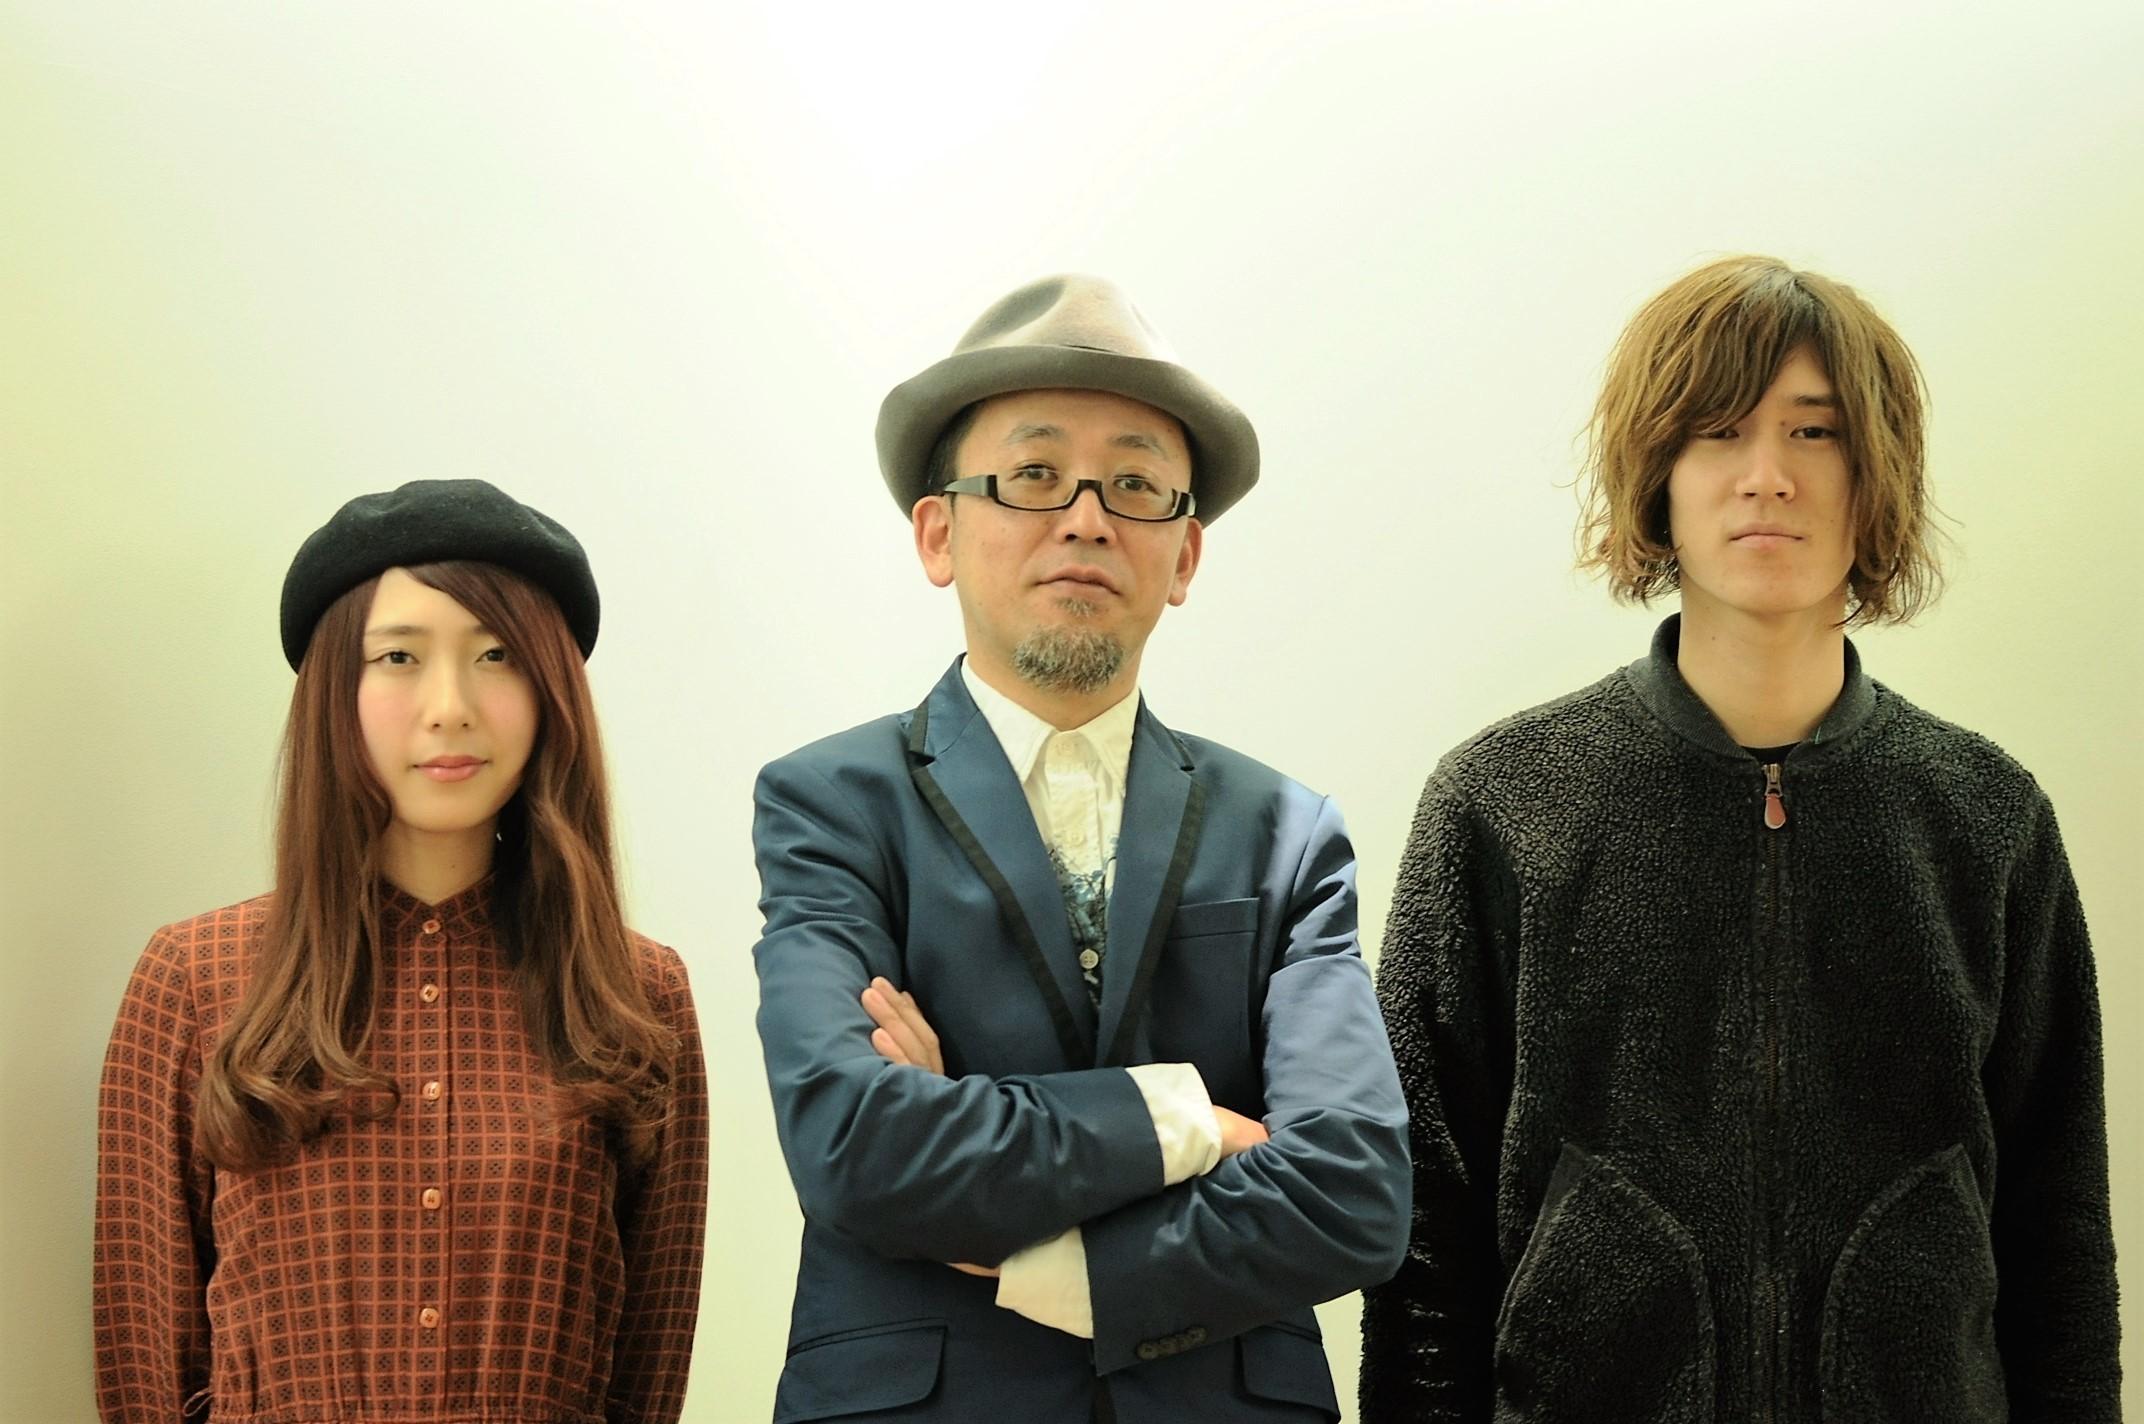 左から GLIM SPANKY松尾レミ、FROGMAN、GLIM SPANKY亀本寛貴  Photo by Taiyo Kazama